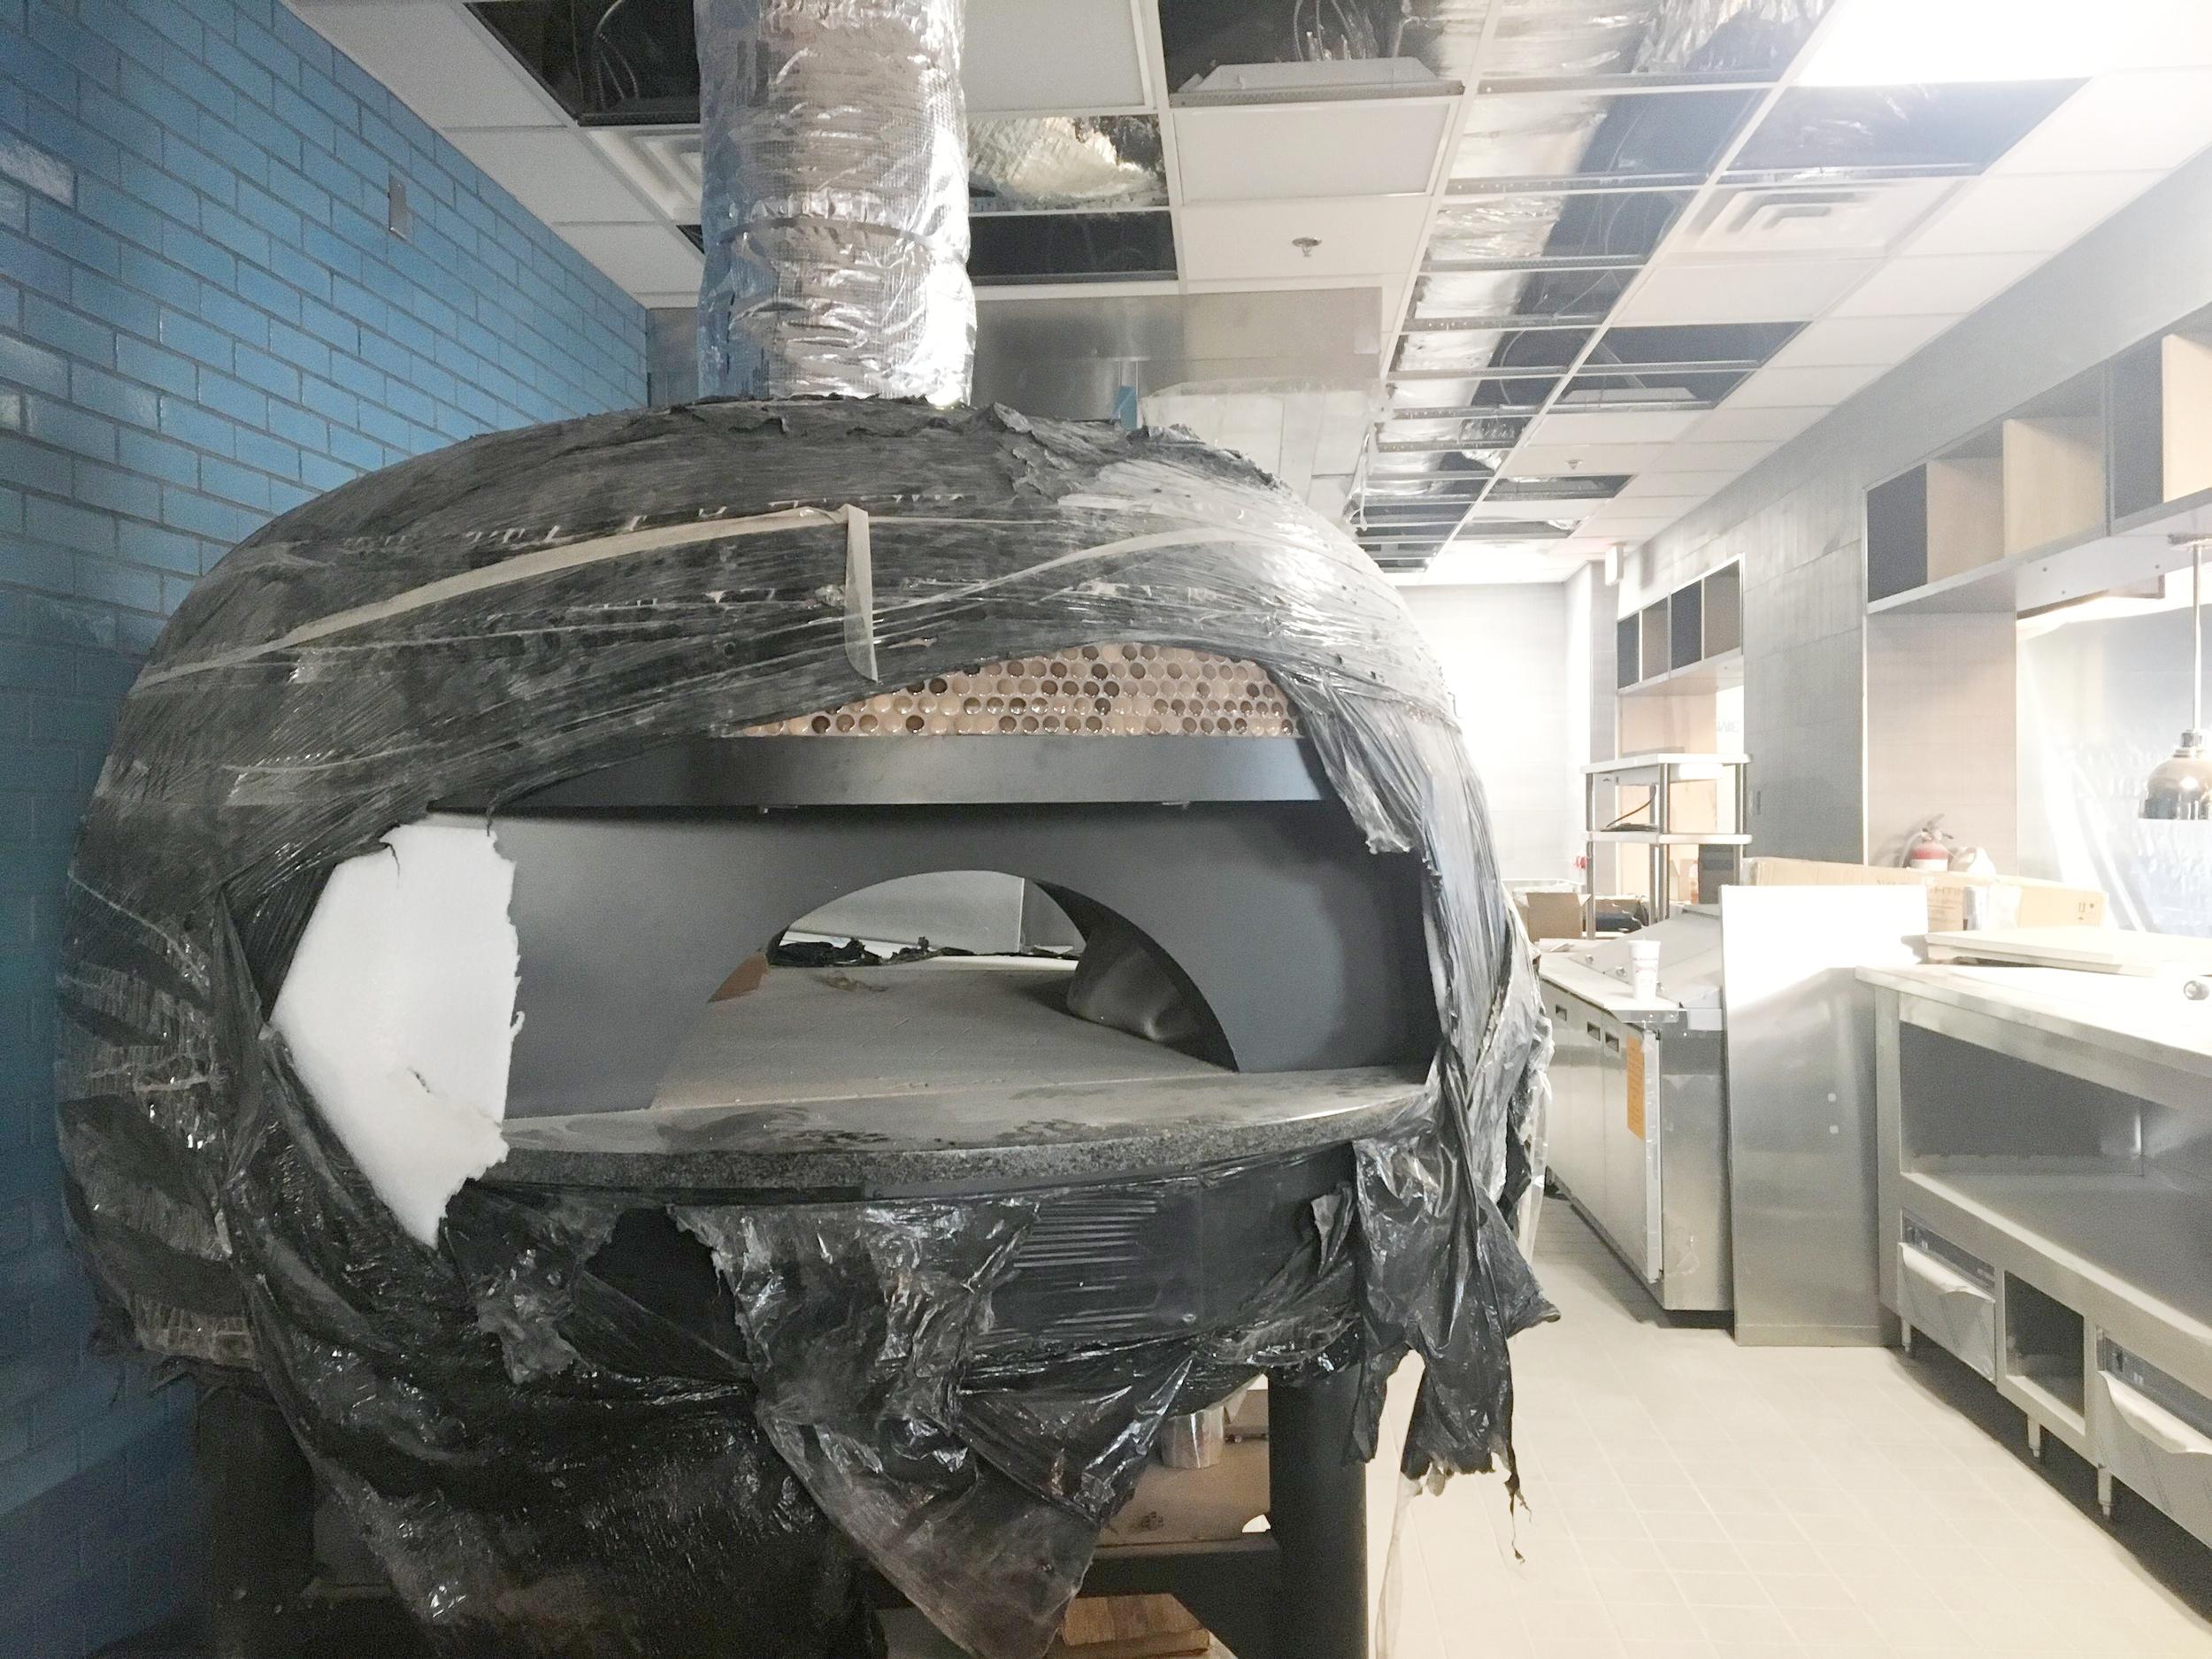 I spy a shiny new oven...